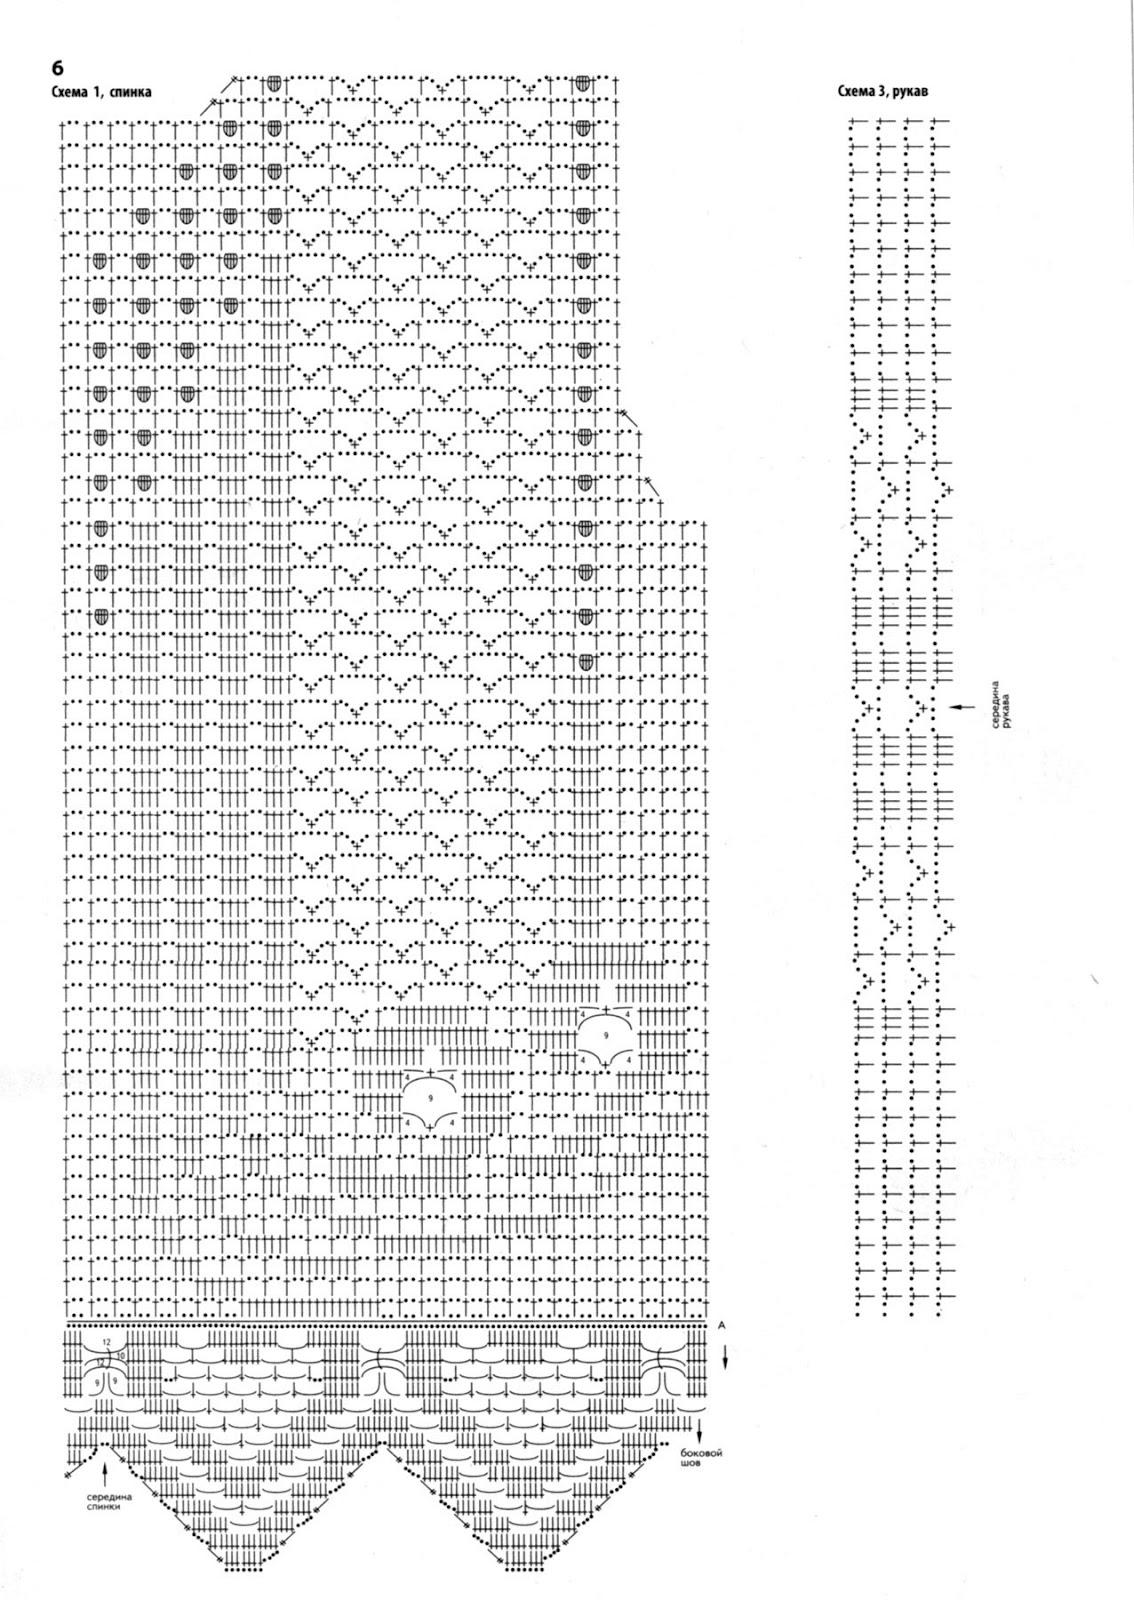 Филейное вязание крючком кофточки с описанием и схемой